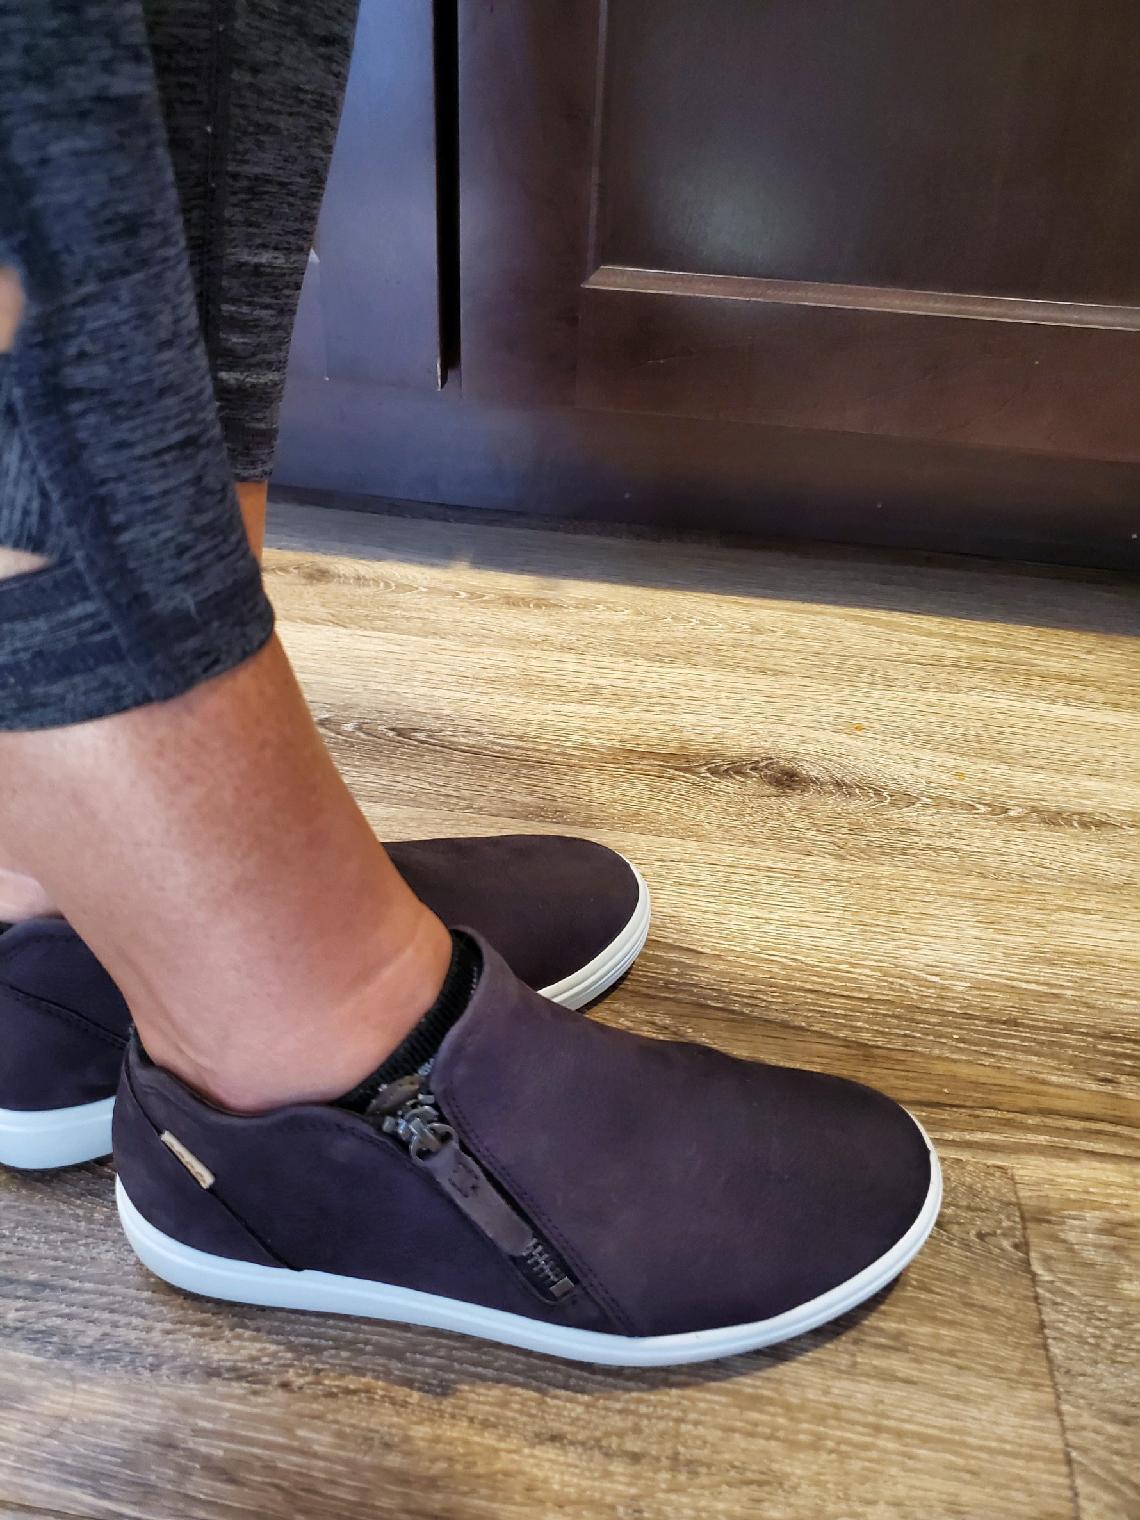 ecco women's soft low cut zip bootie sneakers